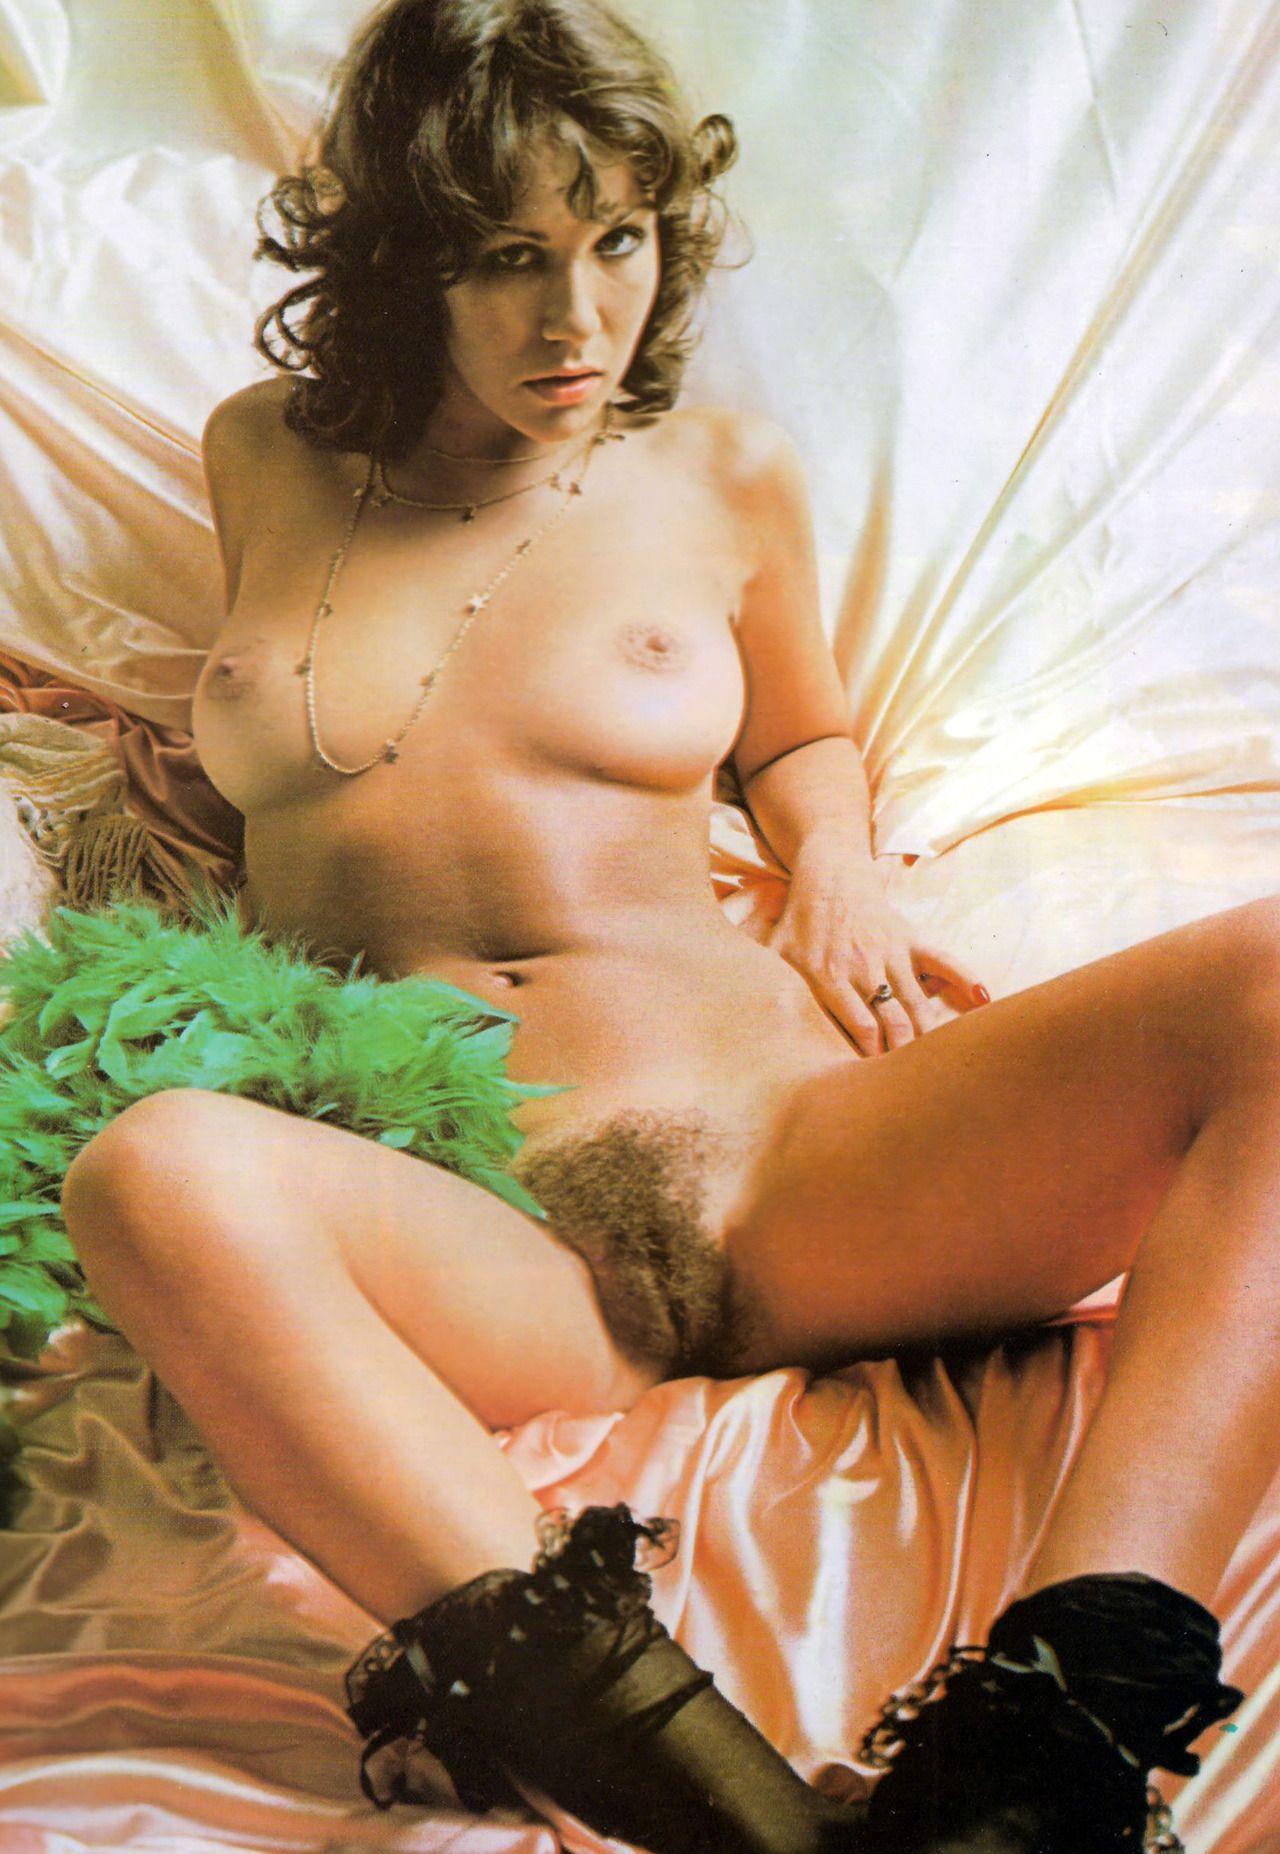 Linda lusardi first nude — img 9